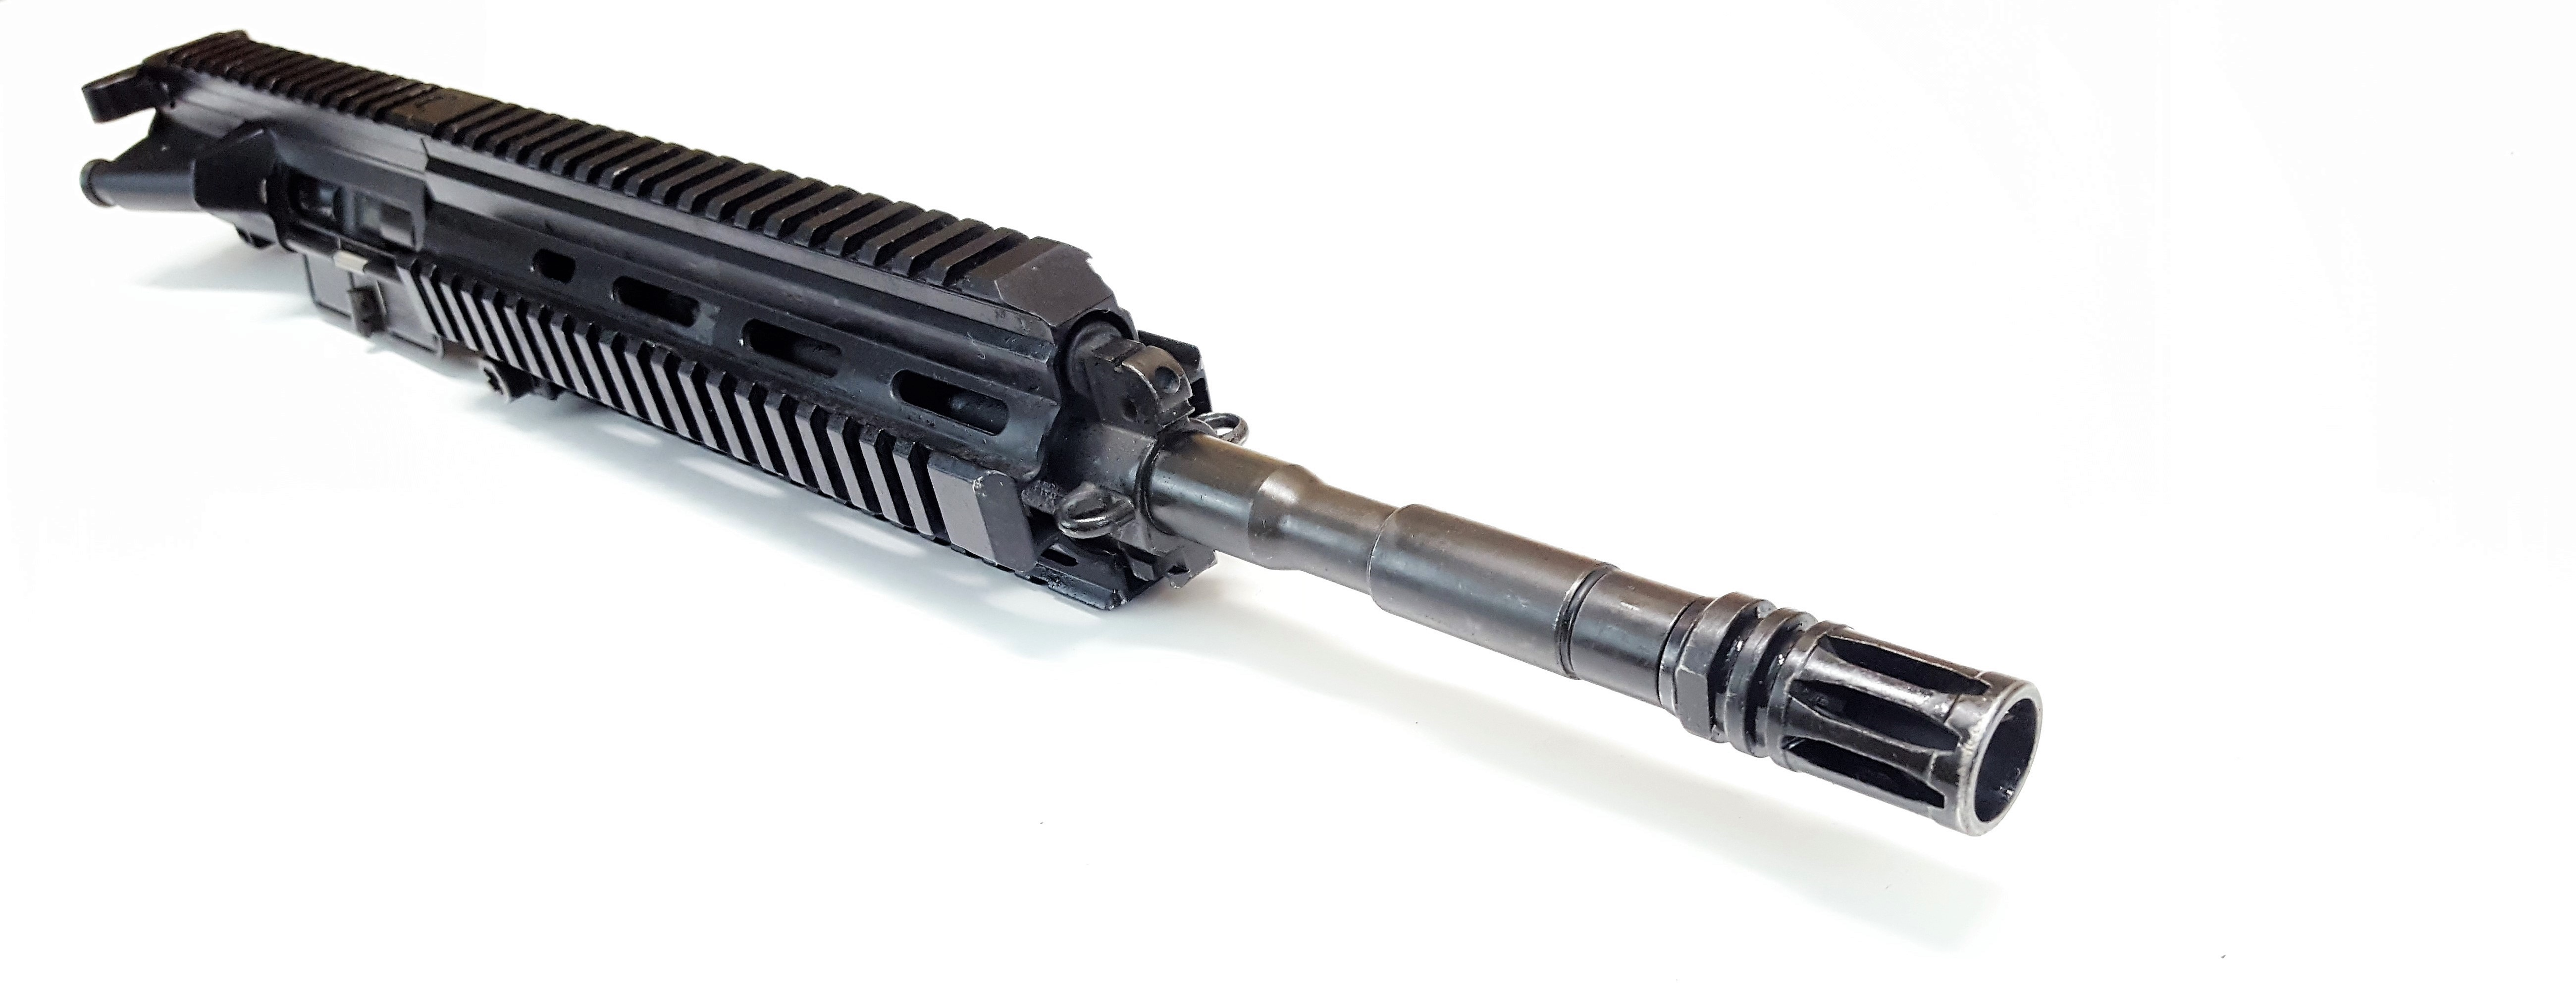 HK 416 Upper Assembly - 14 5